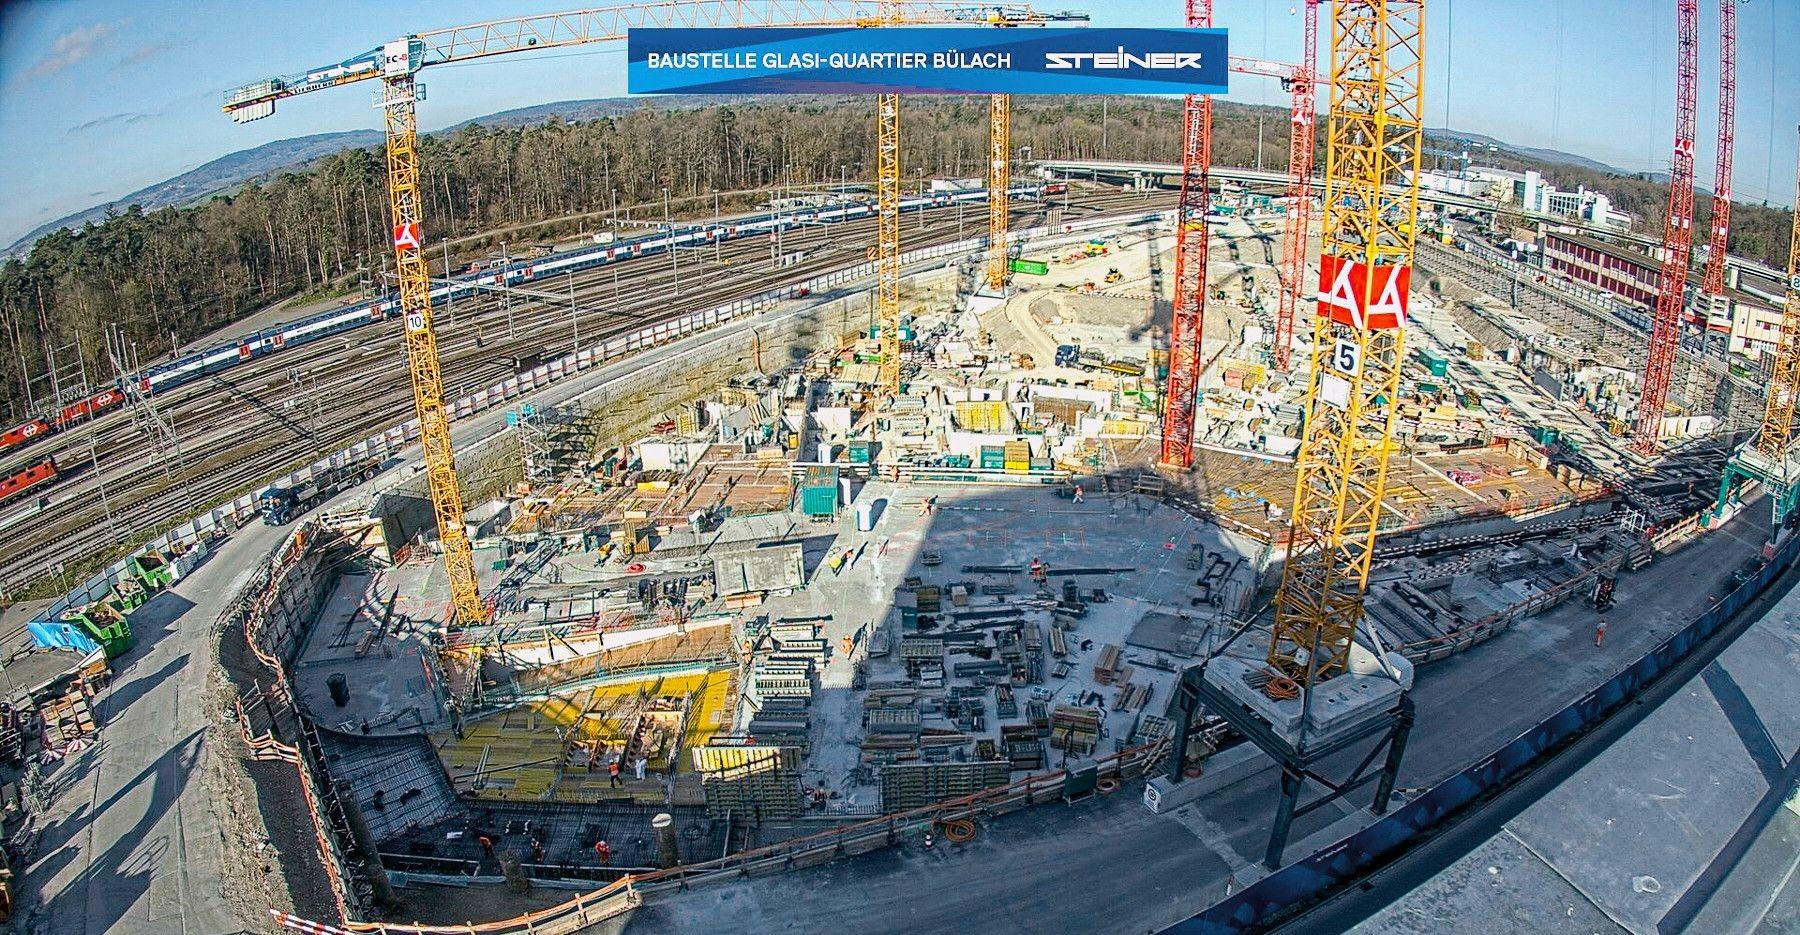 Baustelle auf dem Areal der ehemaligen «Glasi» in Bülach